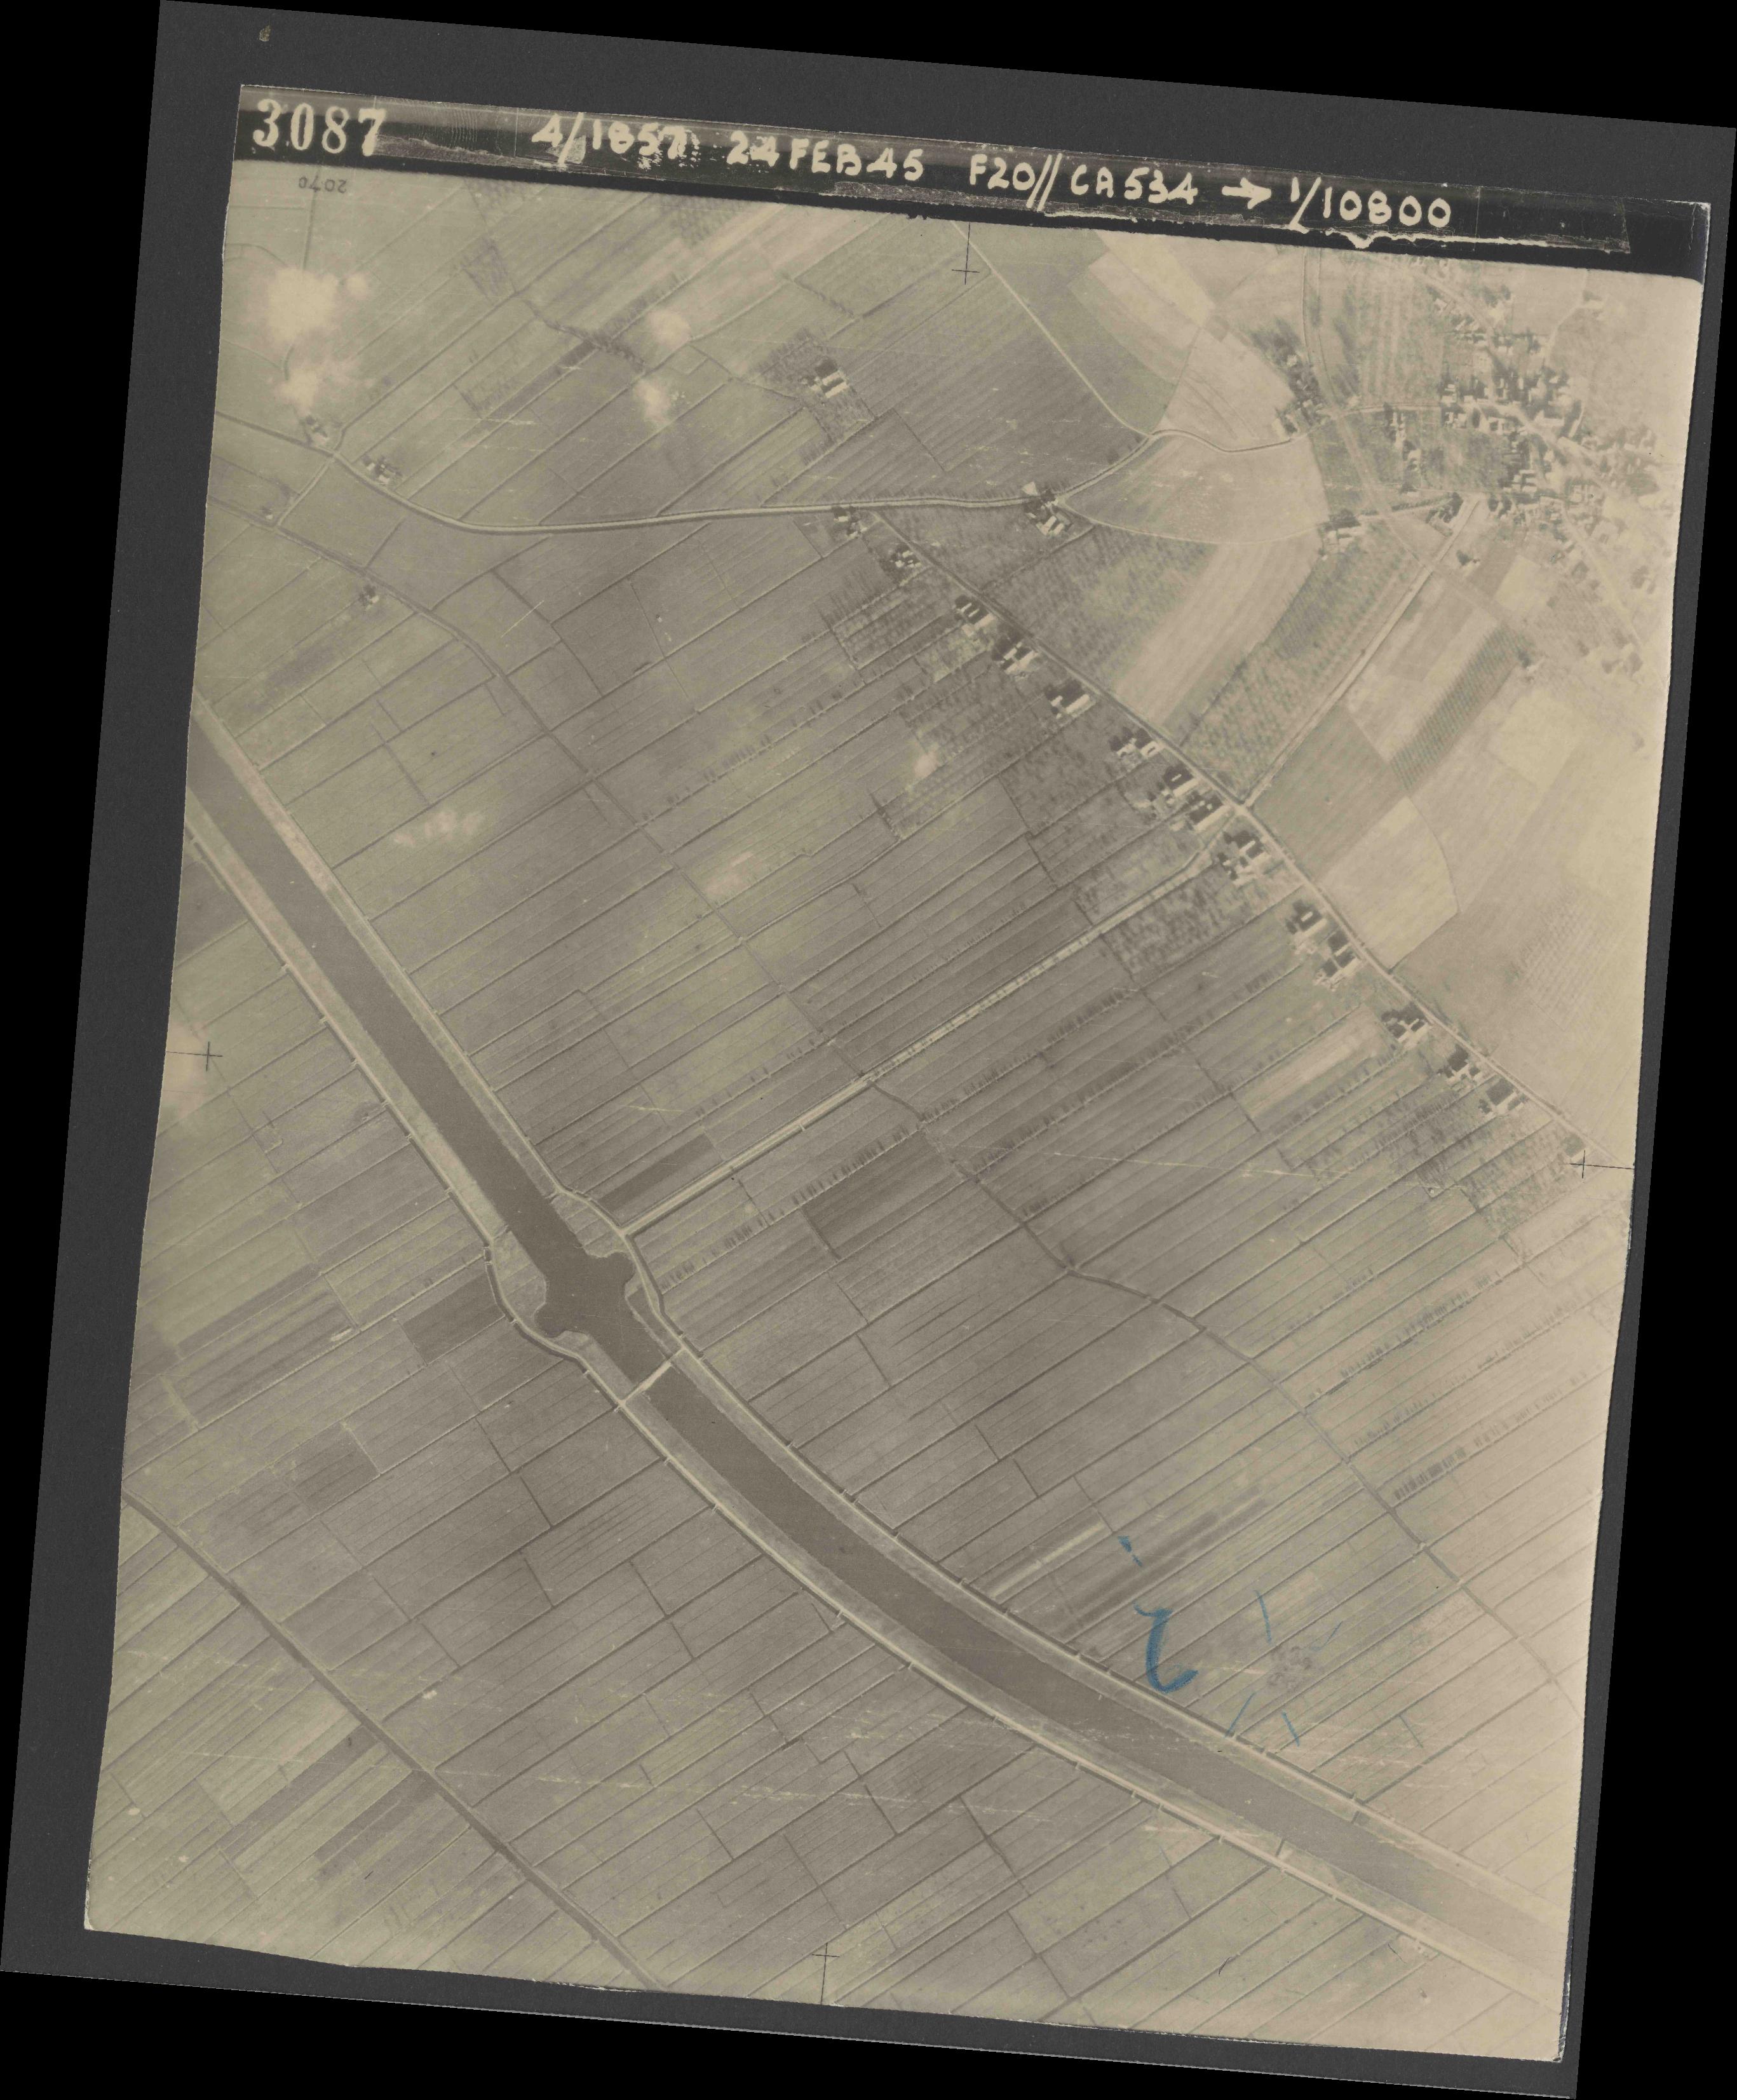 Collection RAF aerial photos 1940-1945 - flight 073, run 02, photo 3087